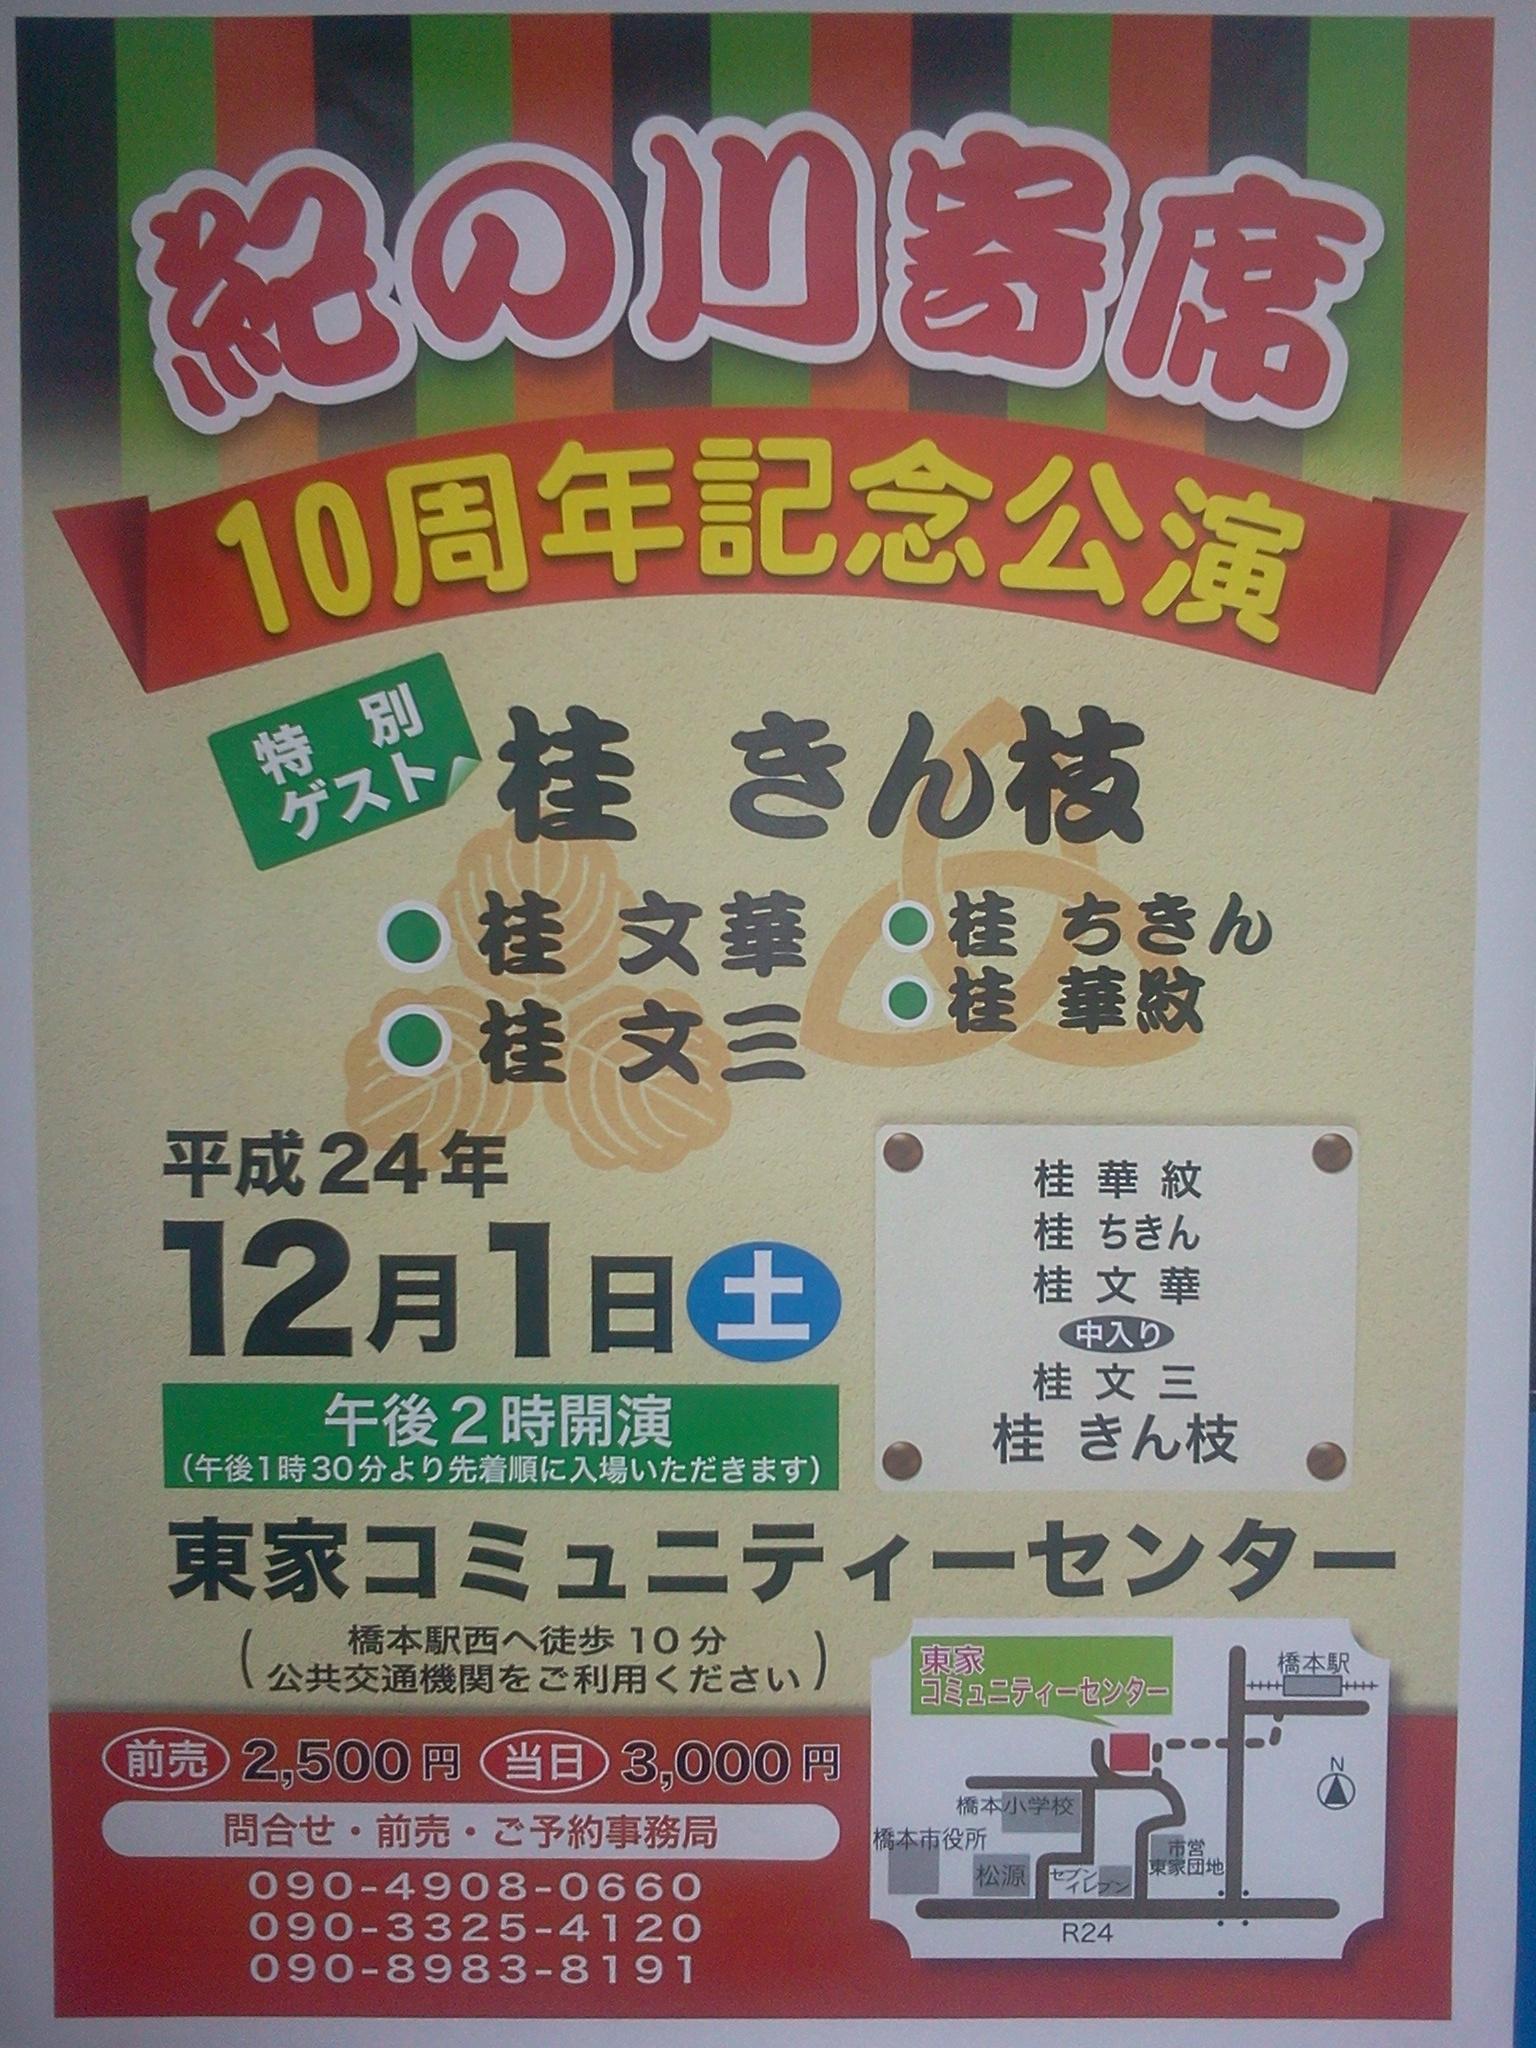 2012/12/01(土) 14:00開演 紀の川寄席 10周年記念公演